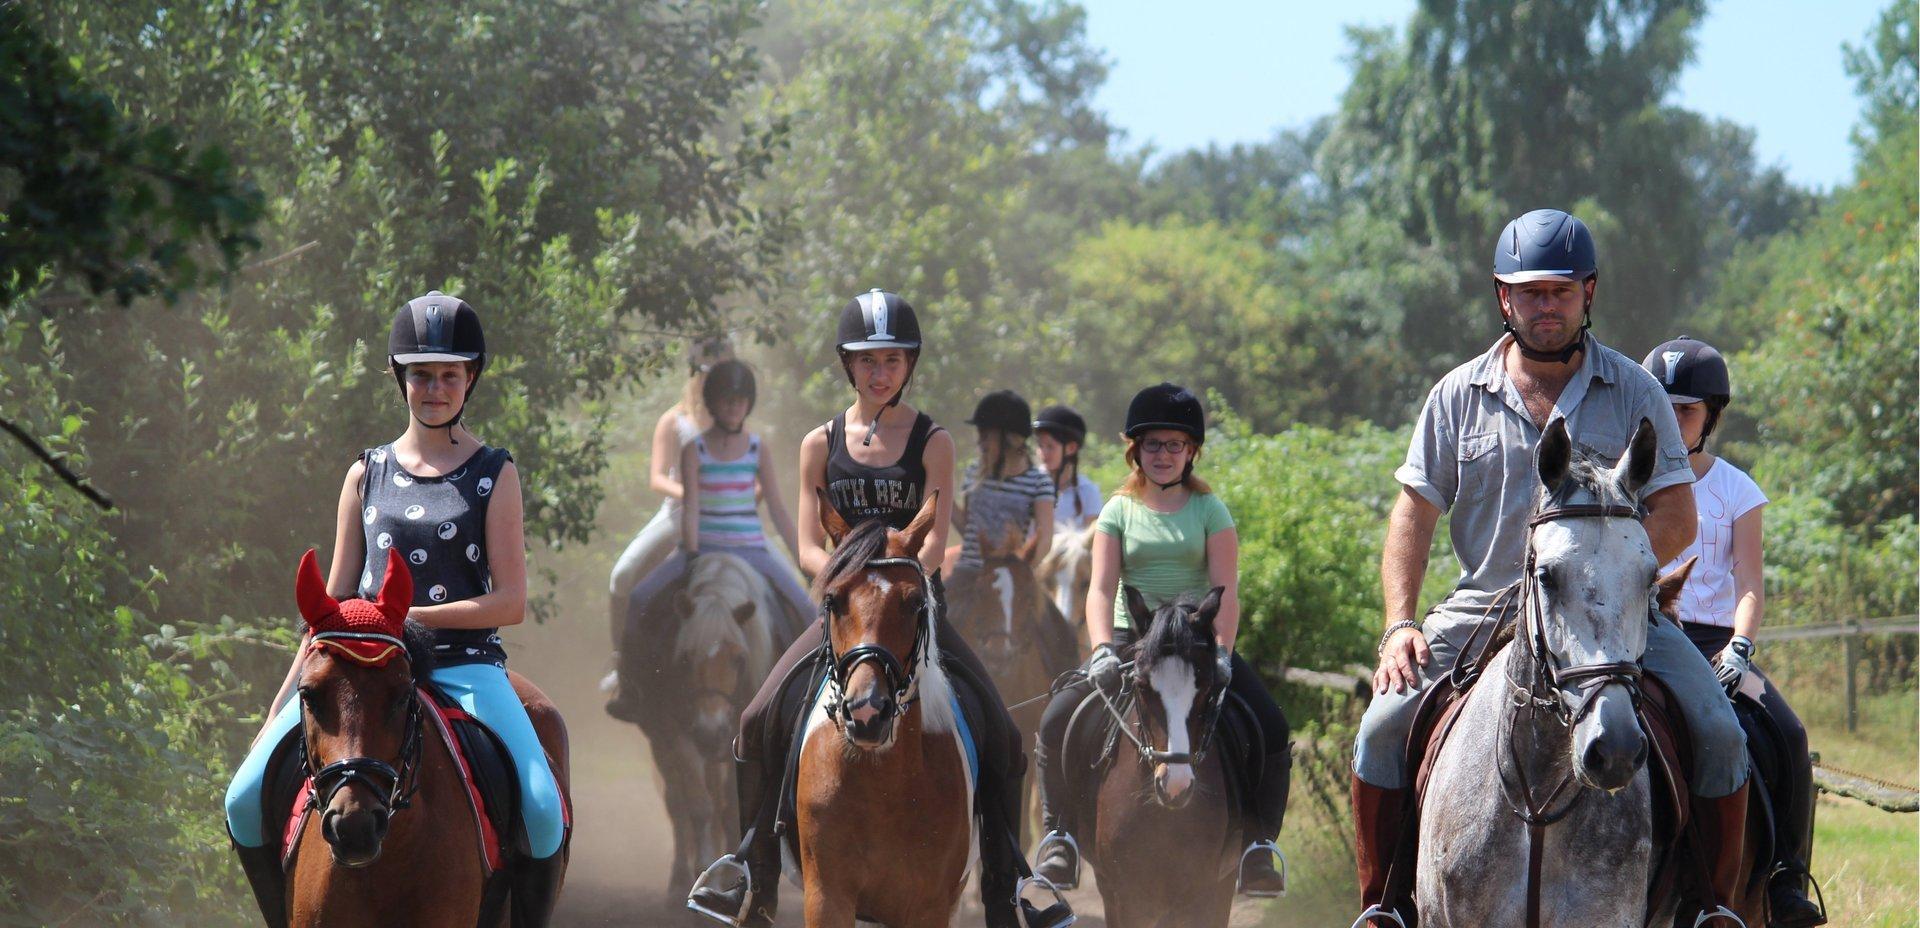 Leren paardrijden voor beginners en gevorderde ruiters